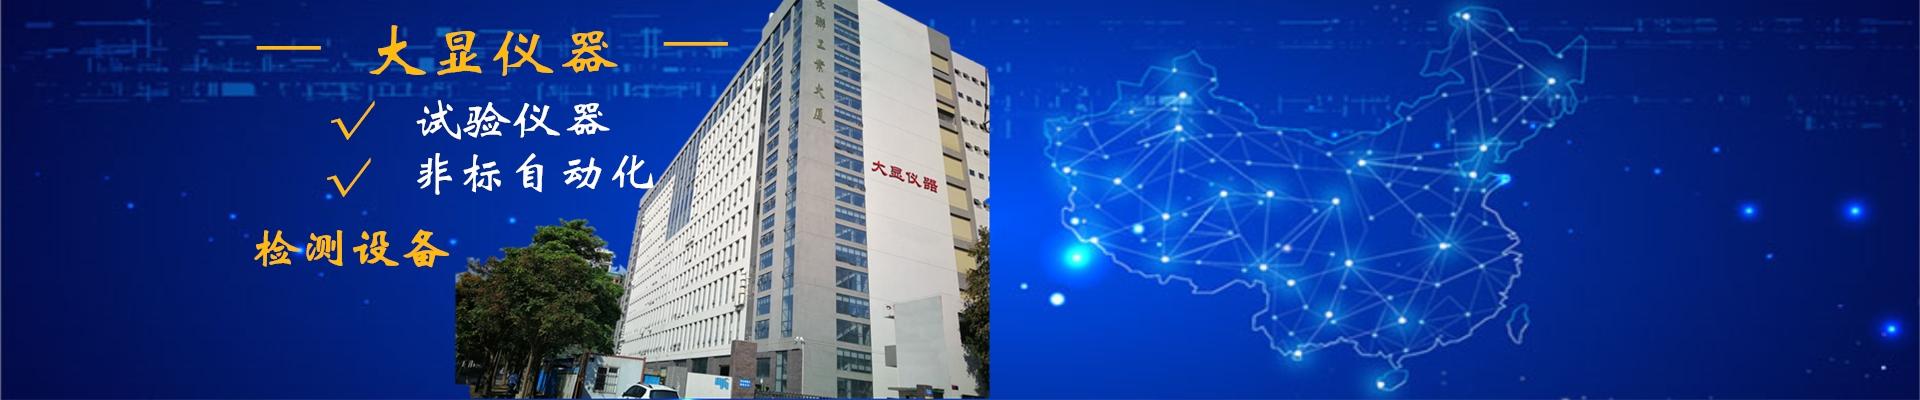 东莞市大显自动化仪器设备有限公司